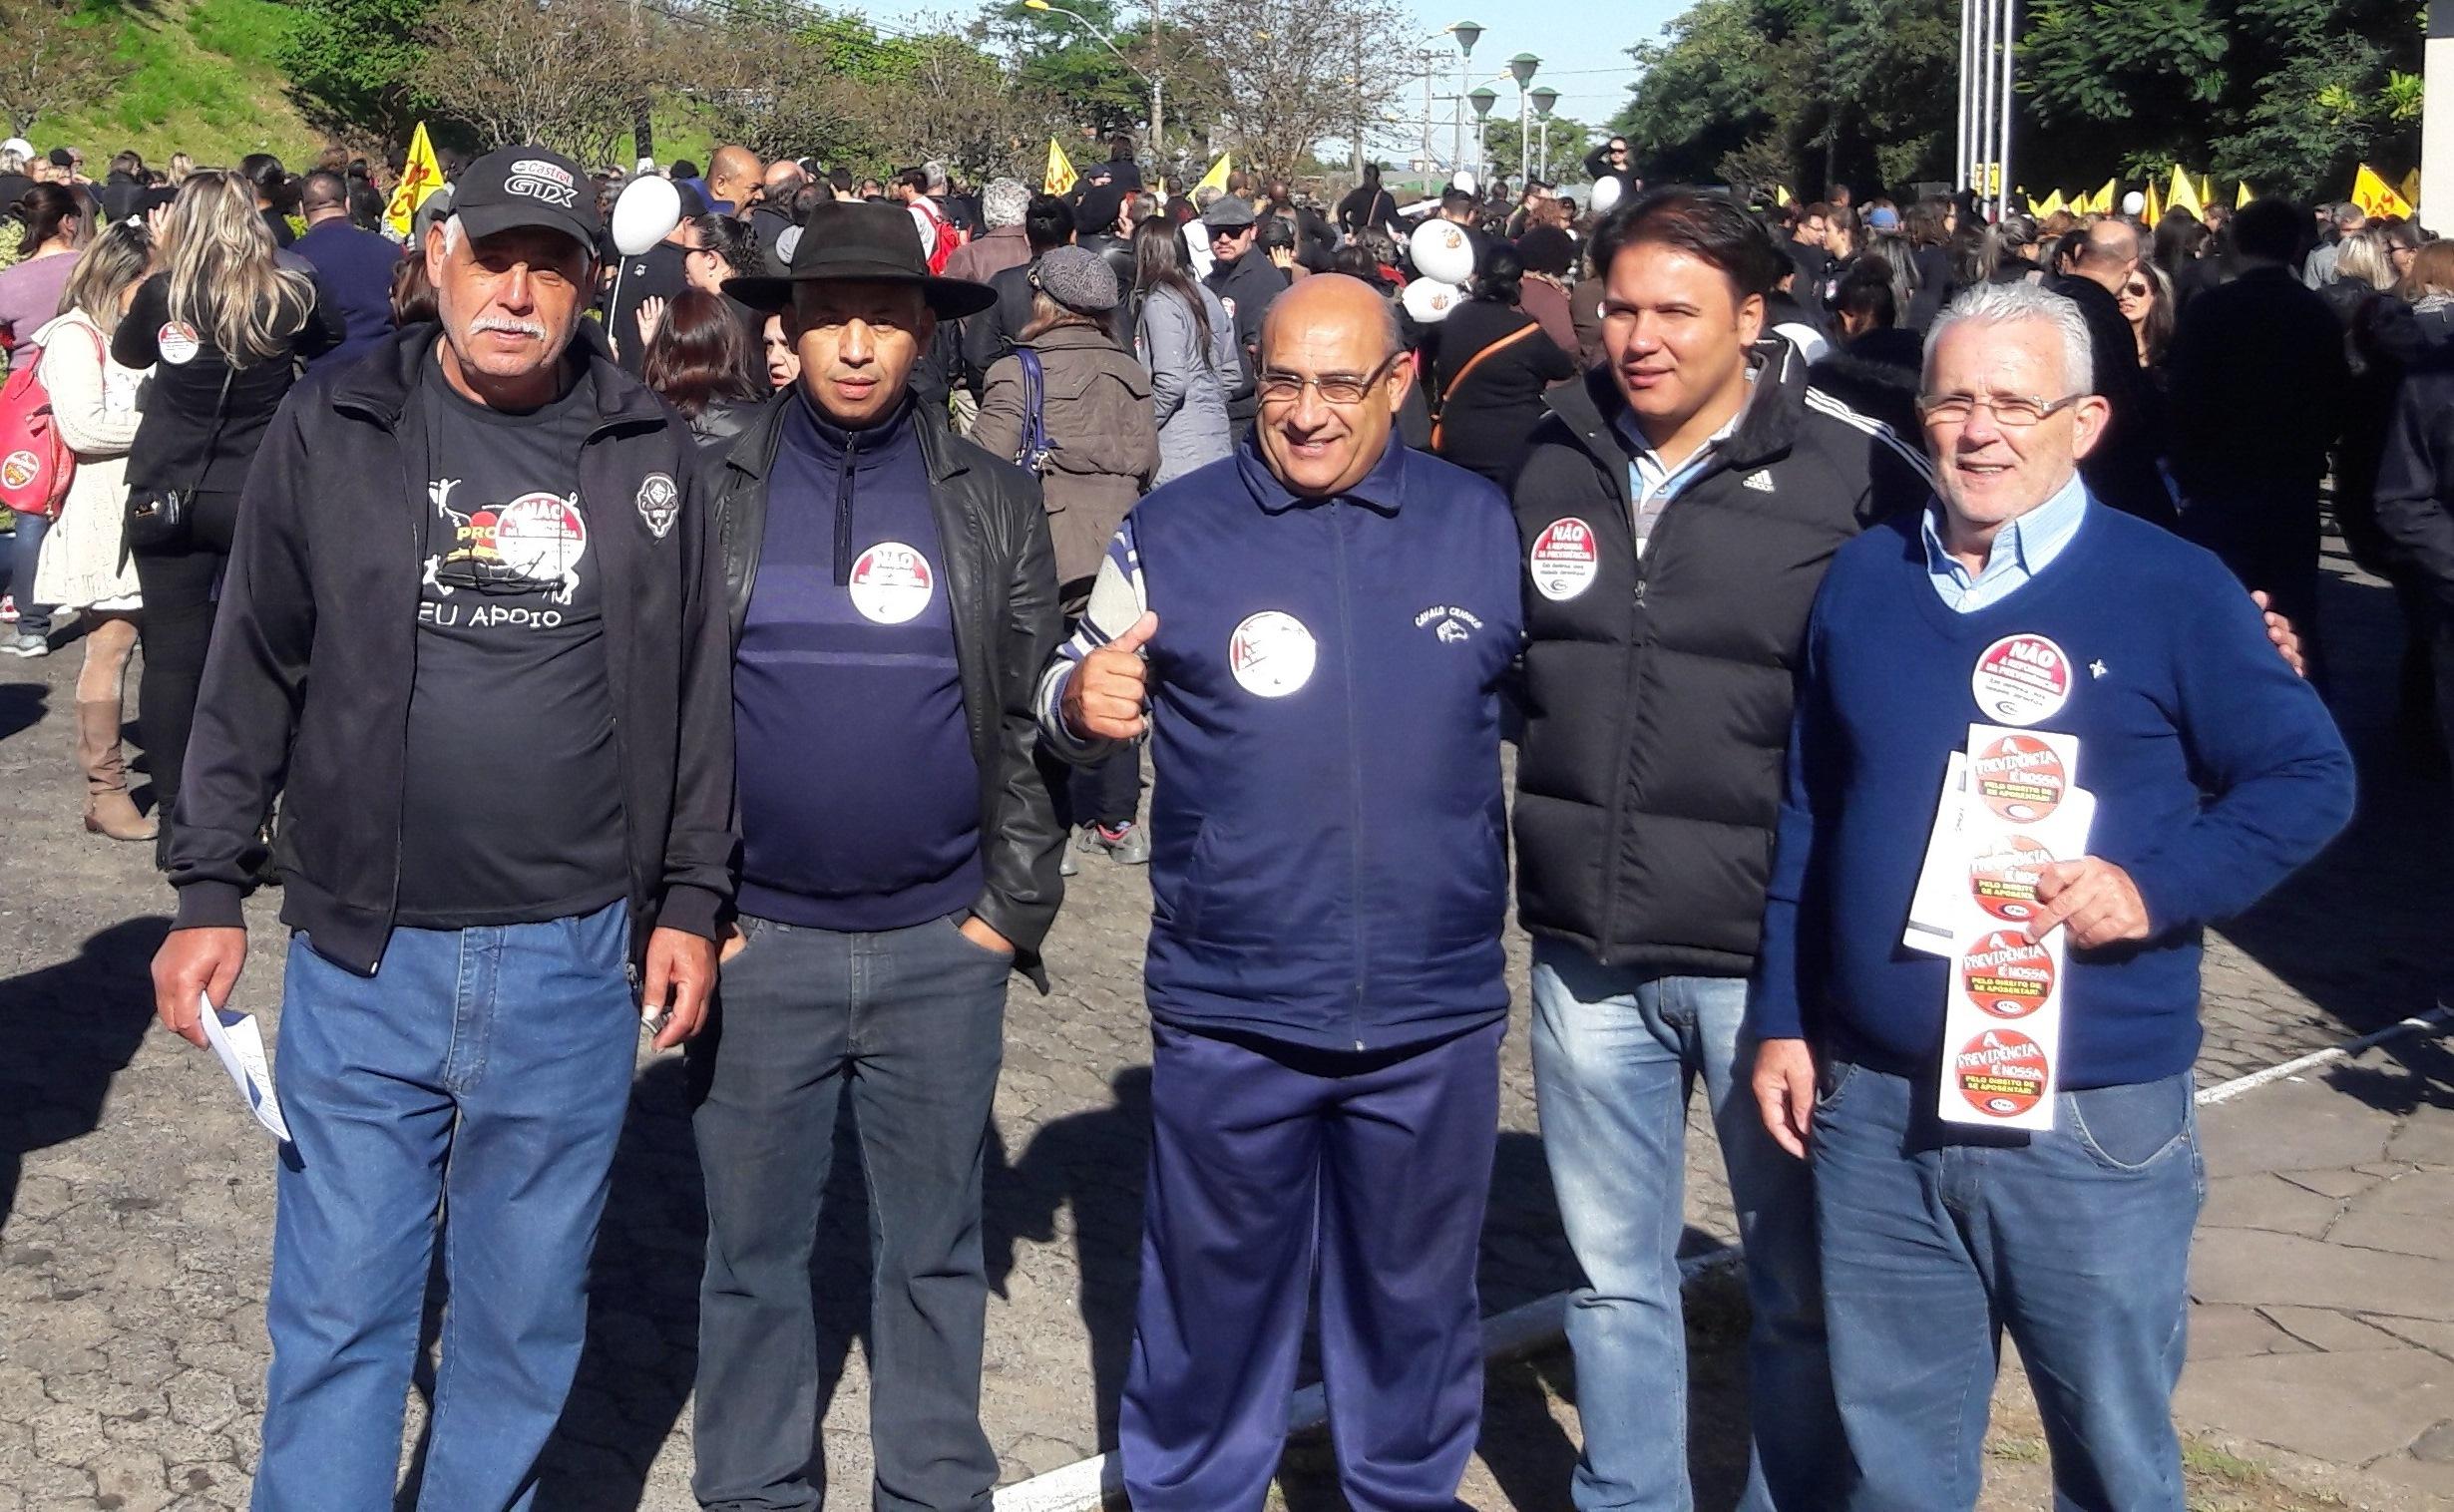 Vereadores participam da caminhada contra a reforma da previdência, em Guaíba